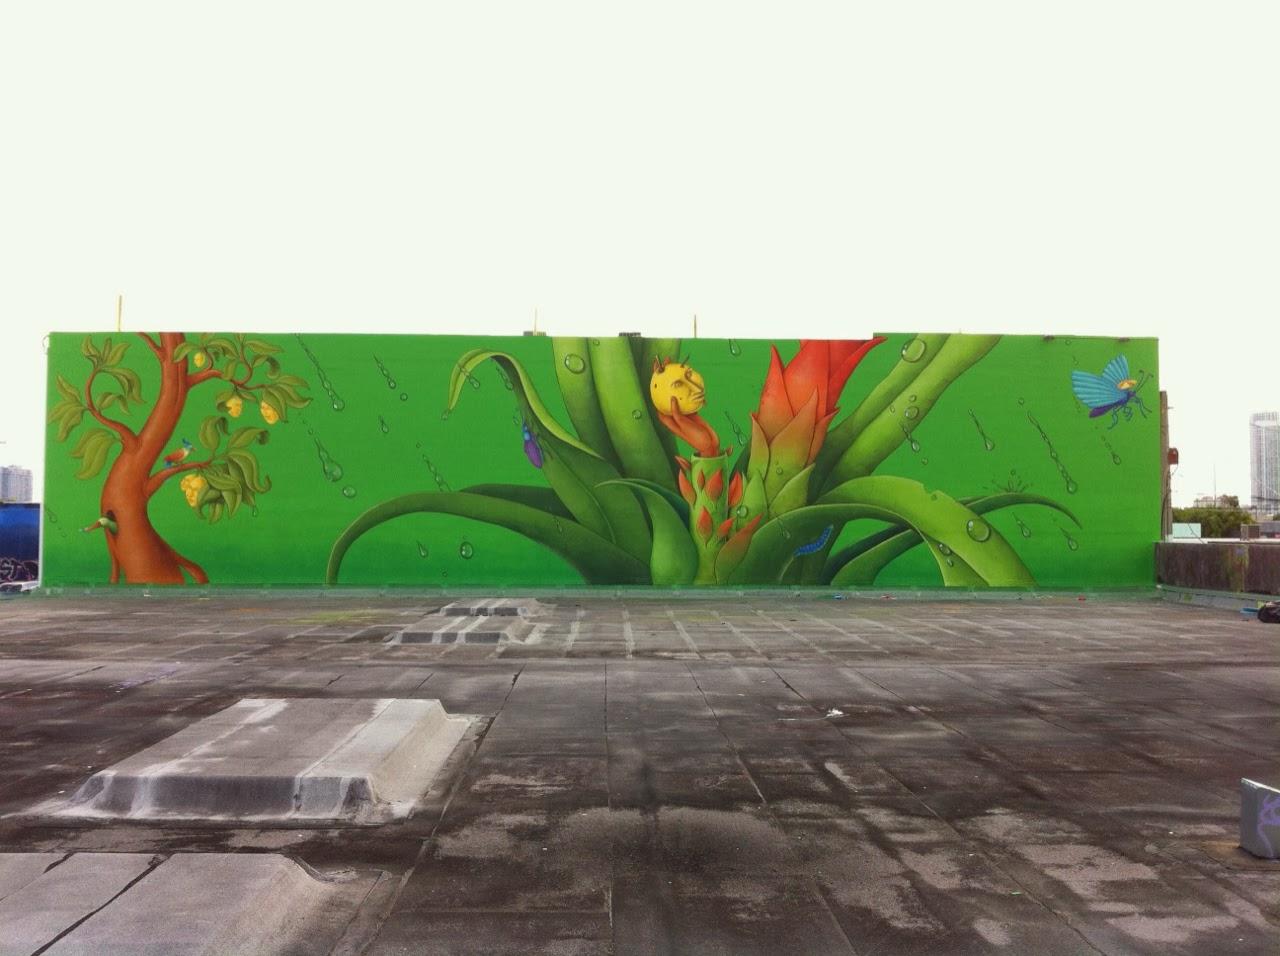 interesni-kazki-new-mural-art-basel-2013-01